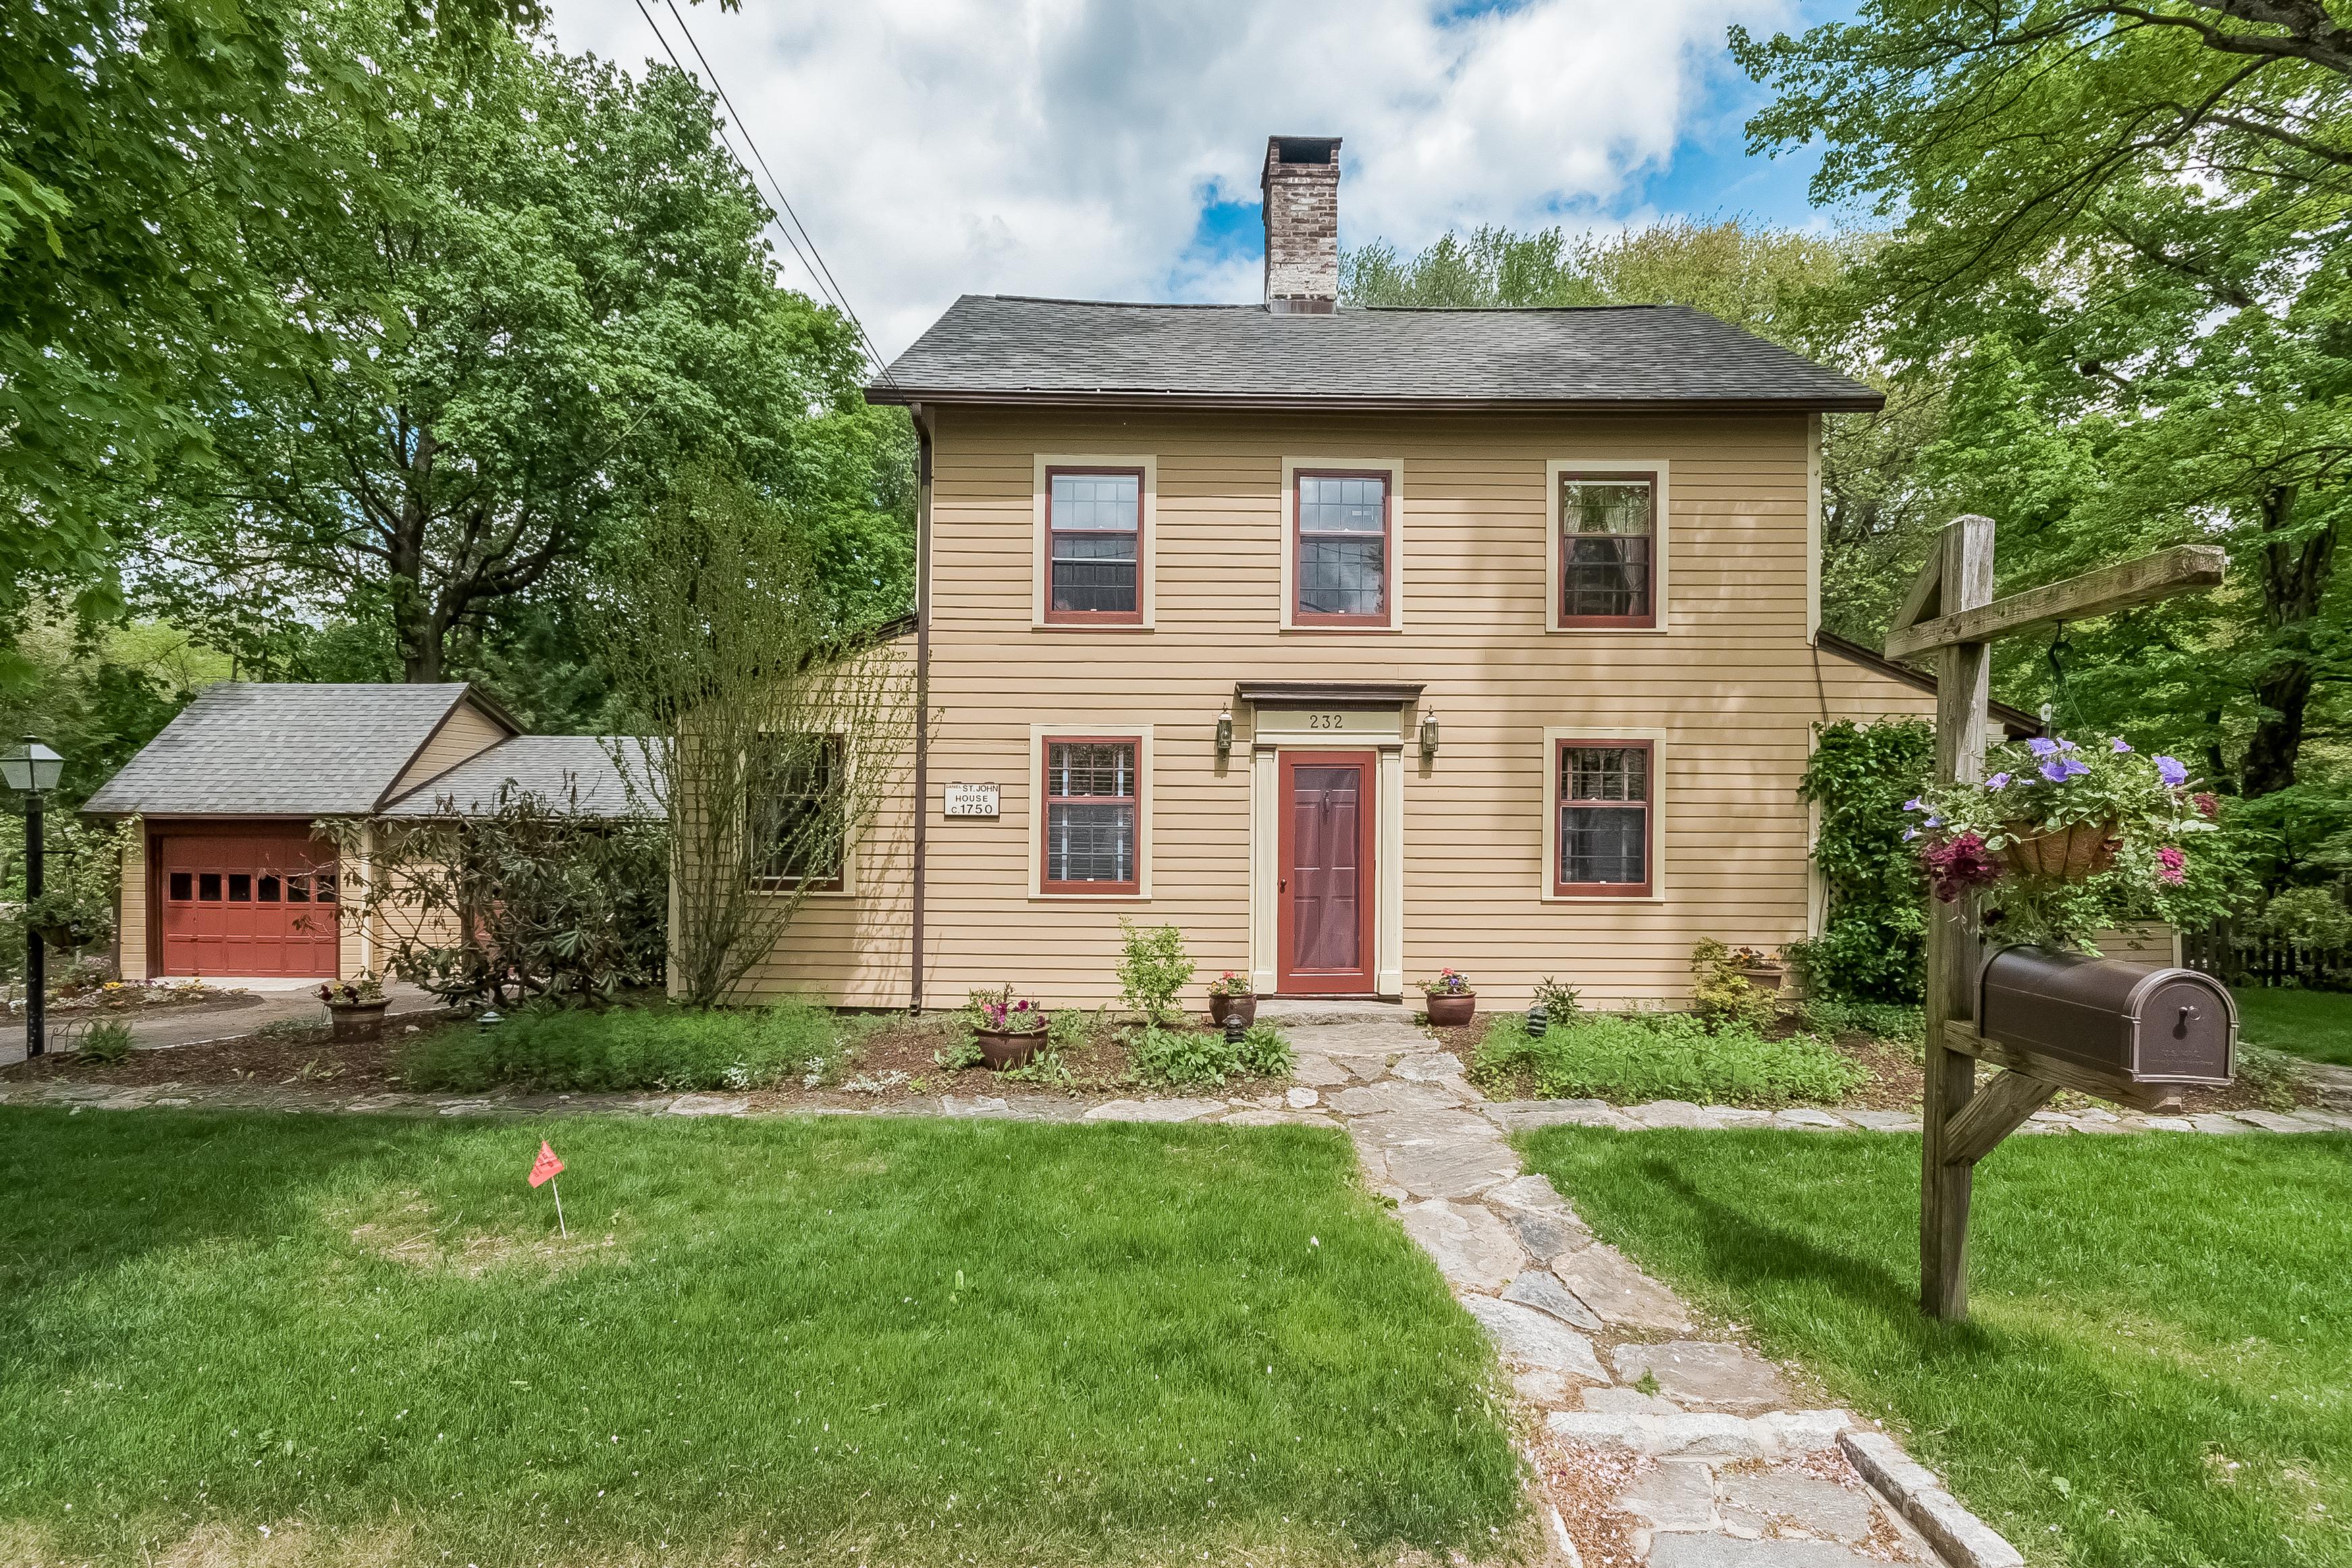 Частный односемейный дом для того Продажа на 232 Silvermine Avenue Norwalk, Коннектикут 06850 Соединенные Штаты